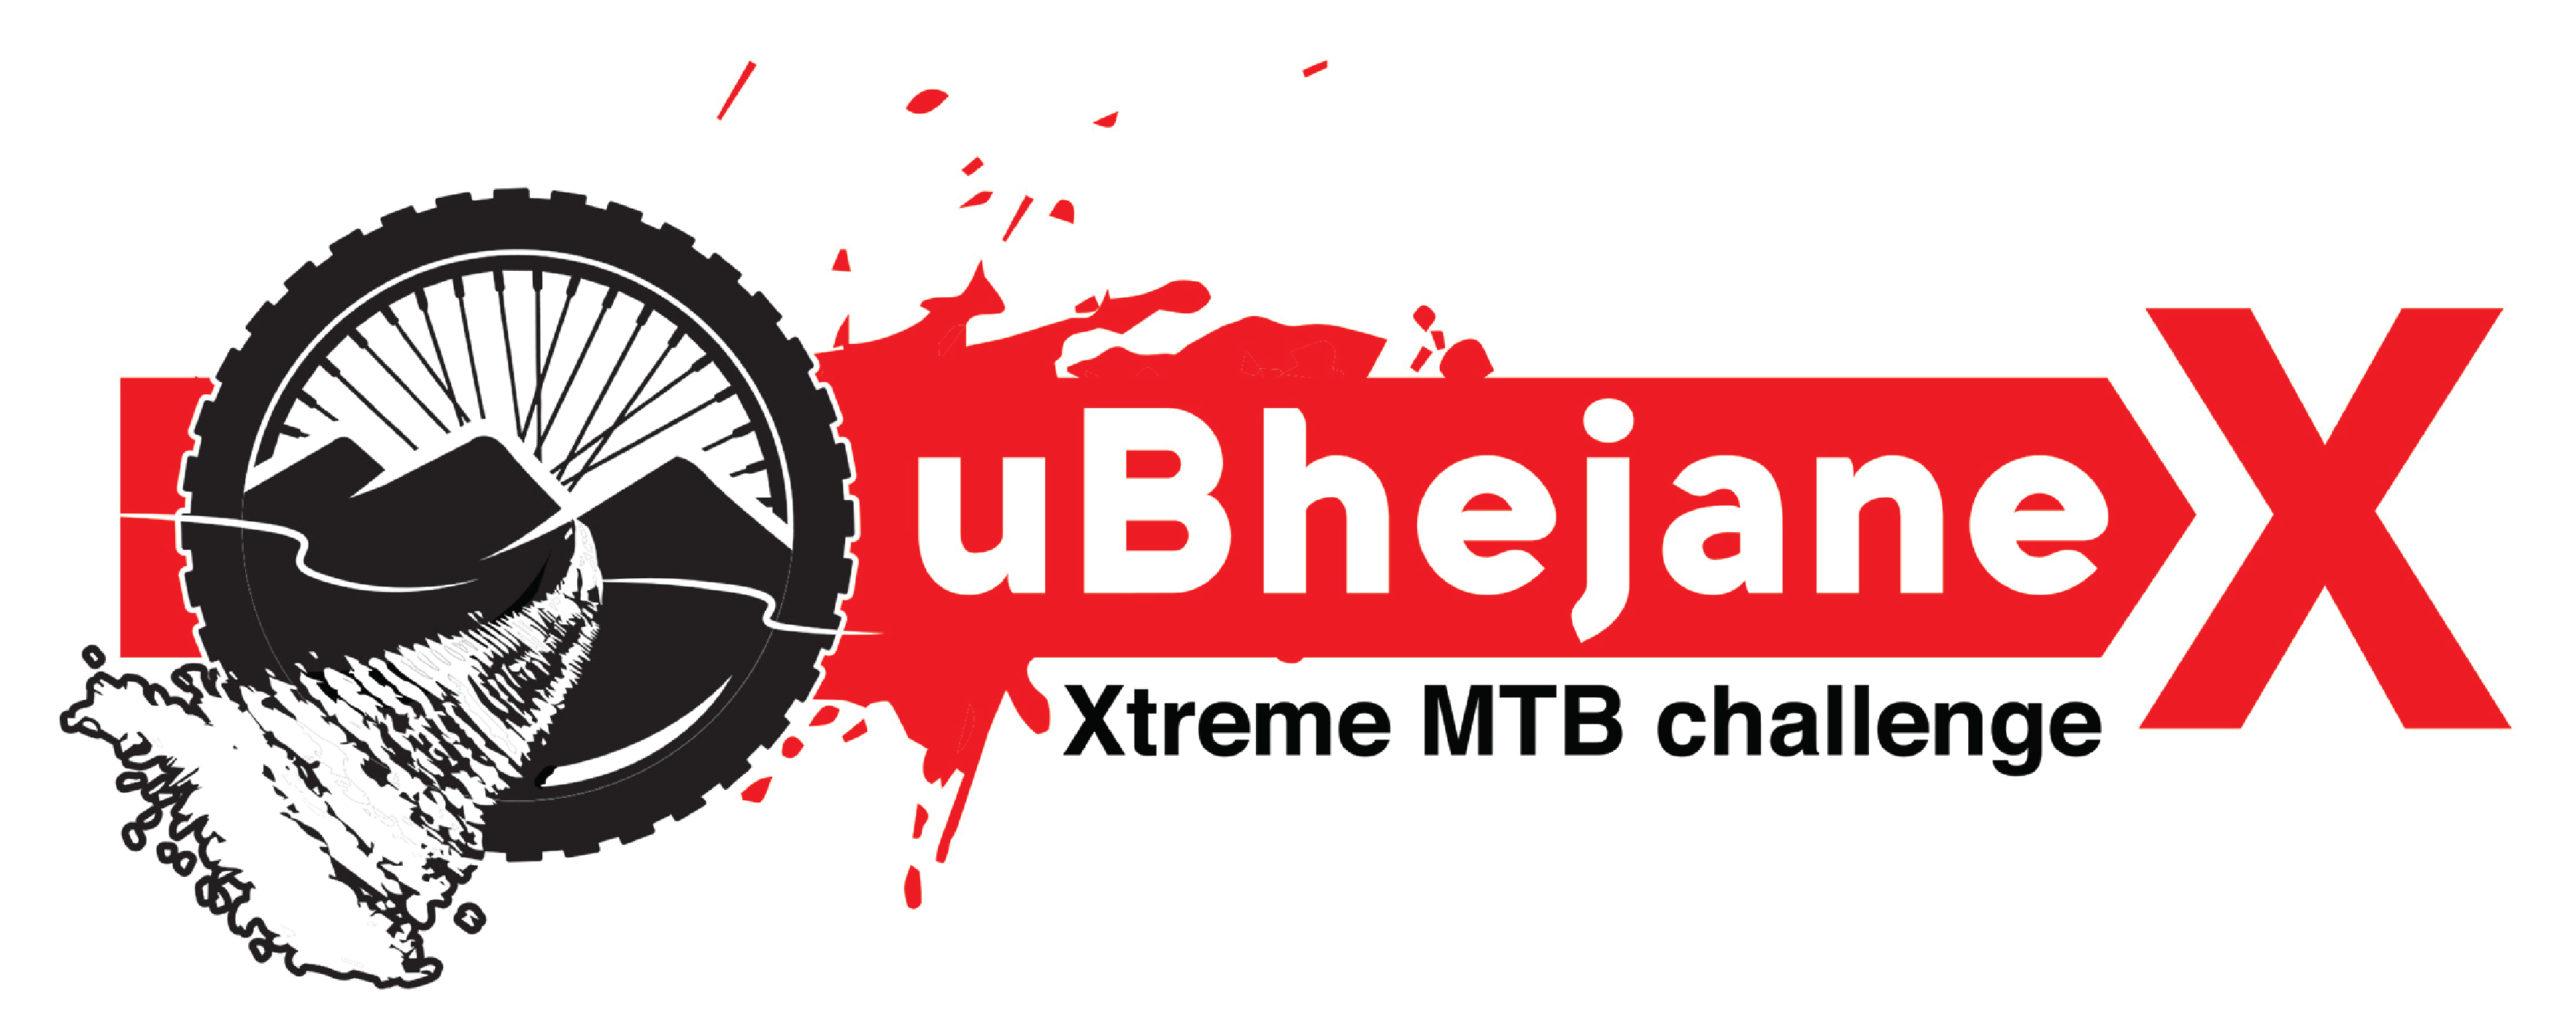 uBhejaneX